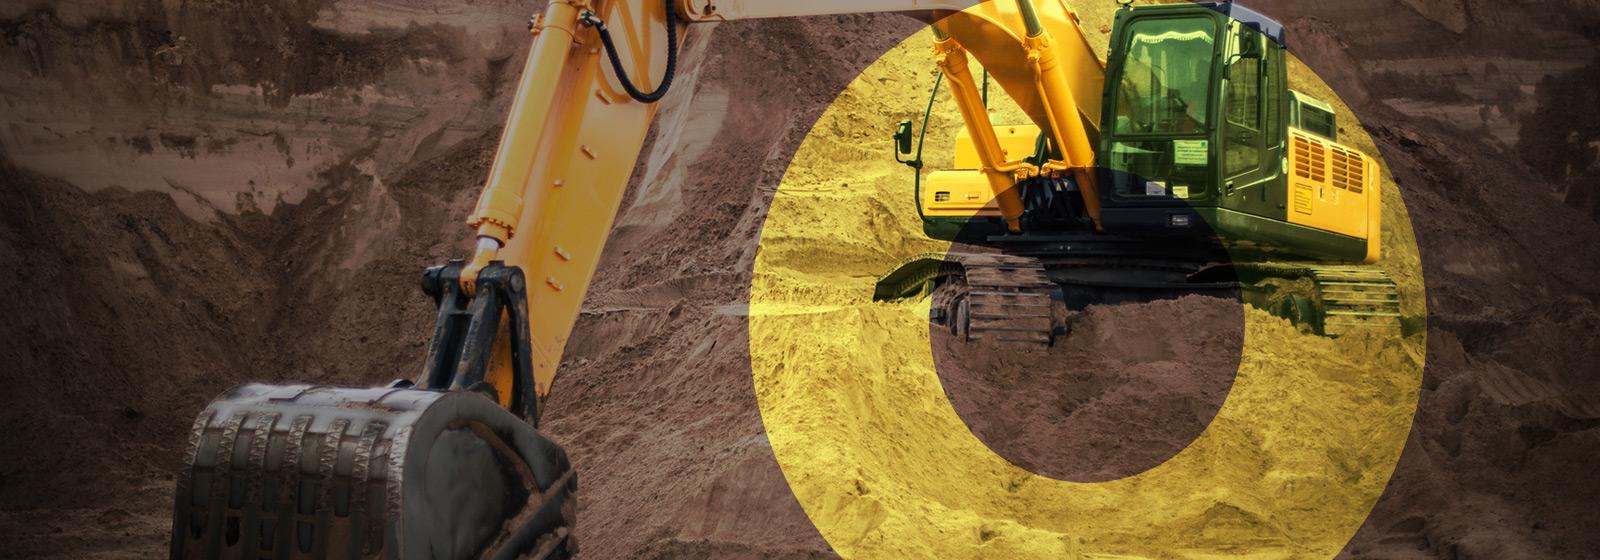 Używane maszyny budowlane i rolnicze